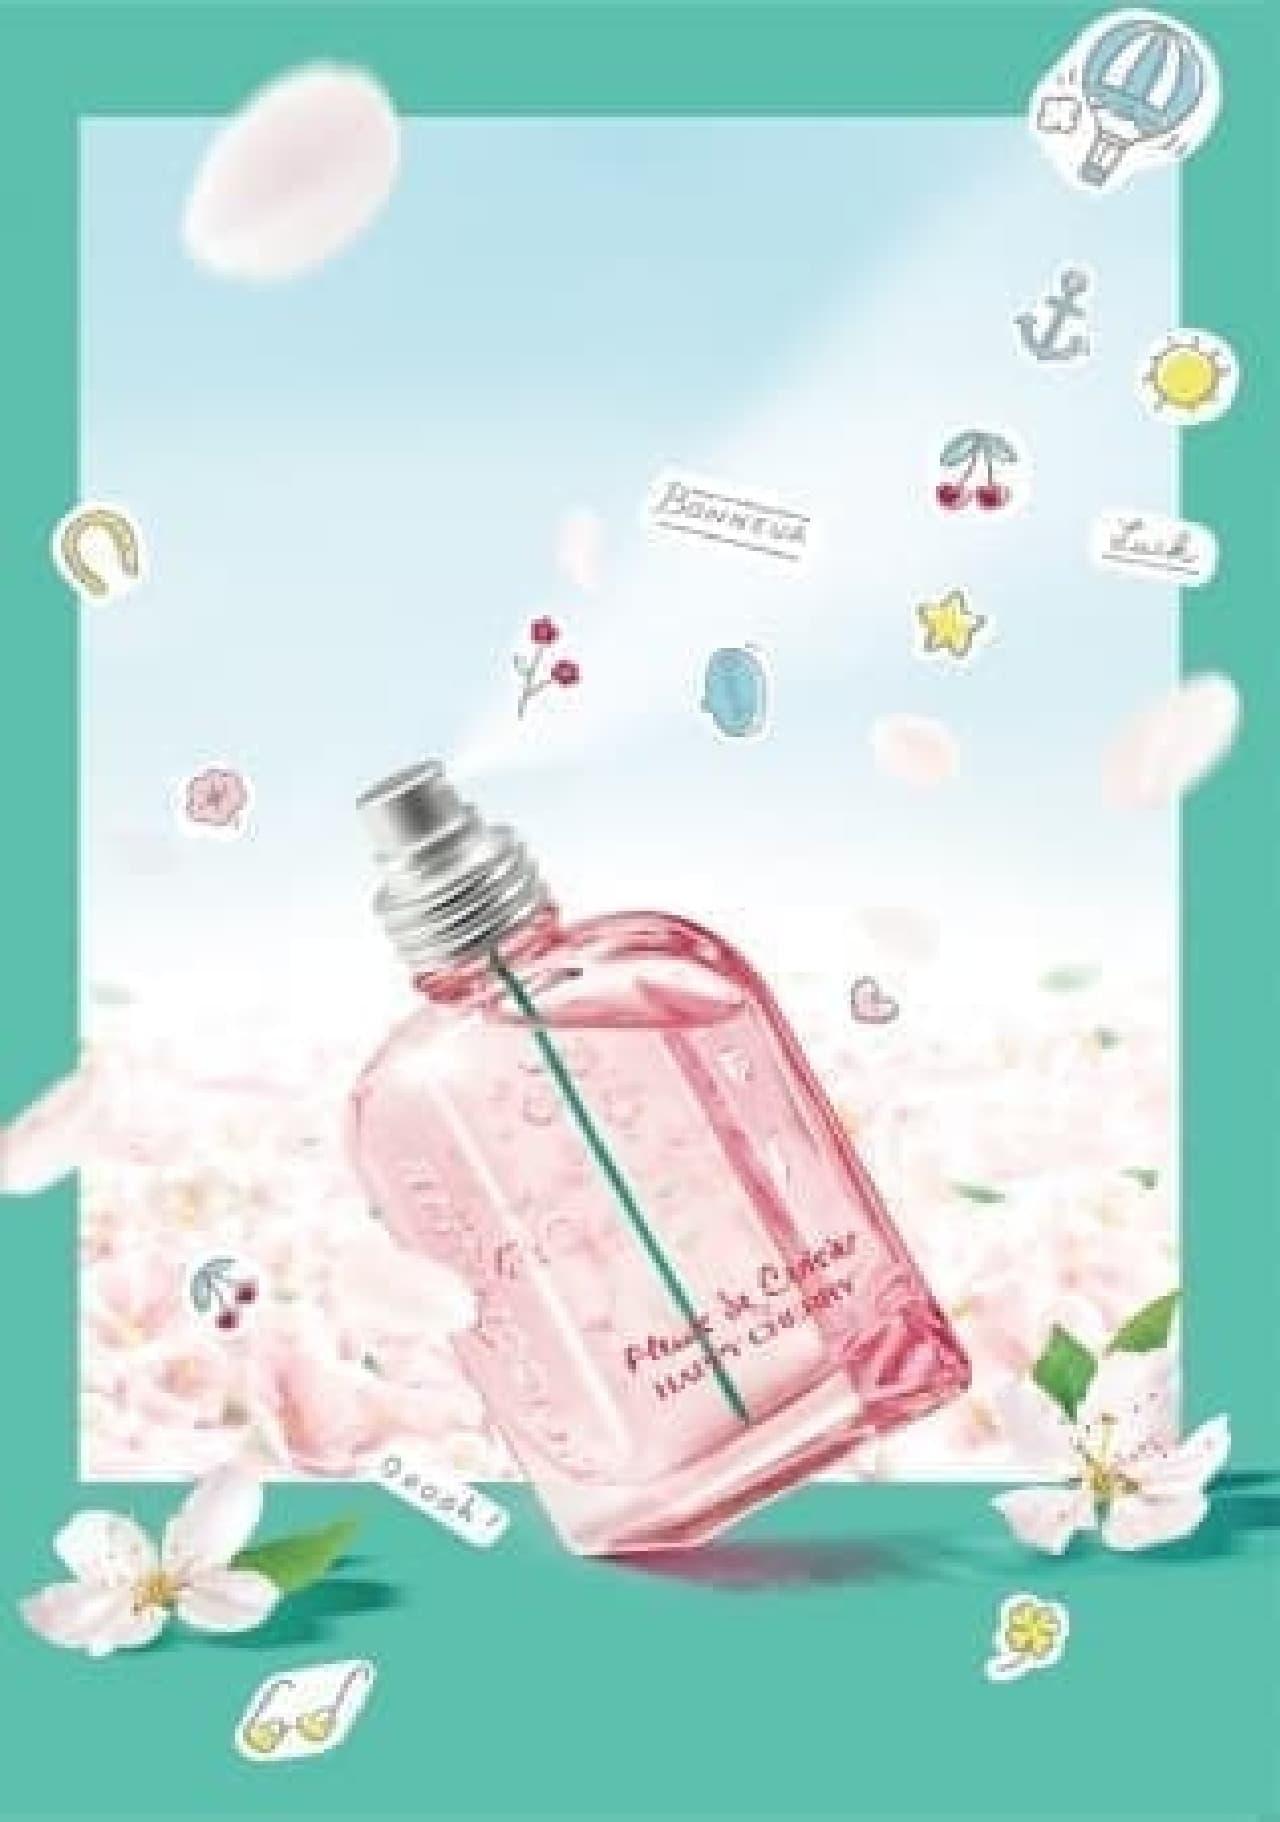 ロクシタンに2020年春限定の香り「ハッピーチェリー」シリーズ